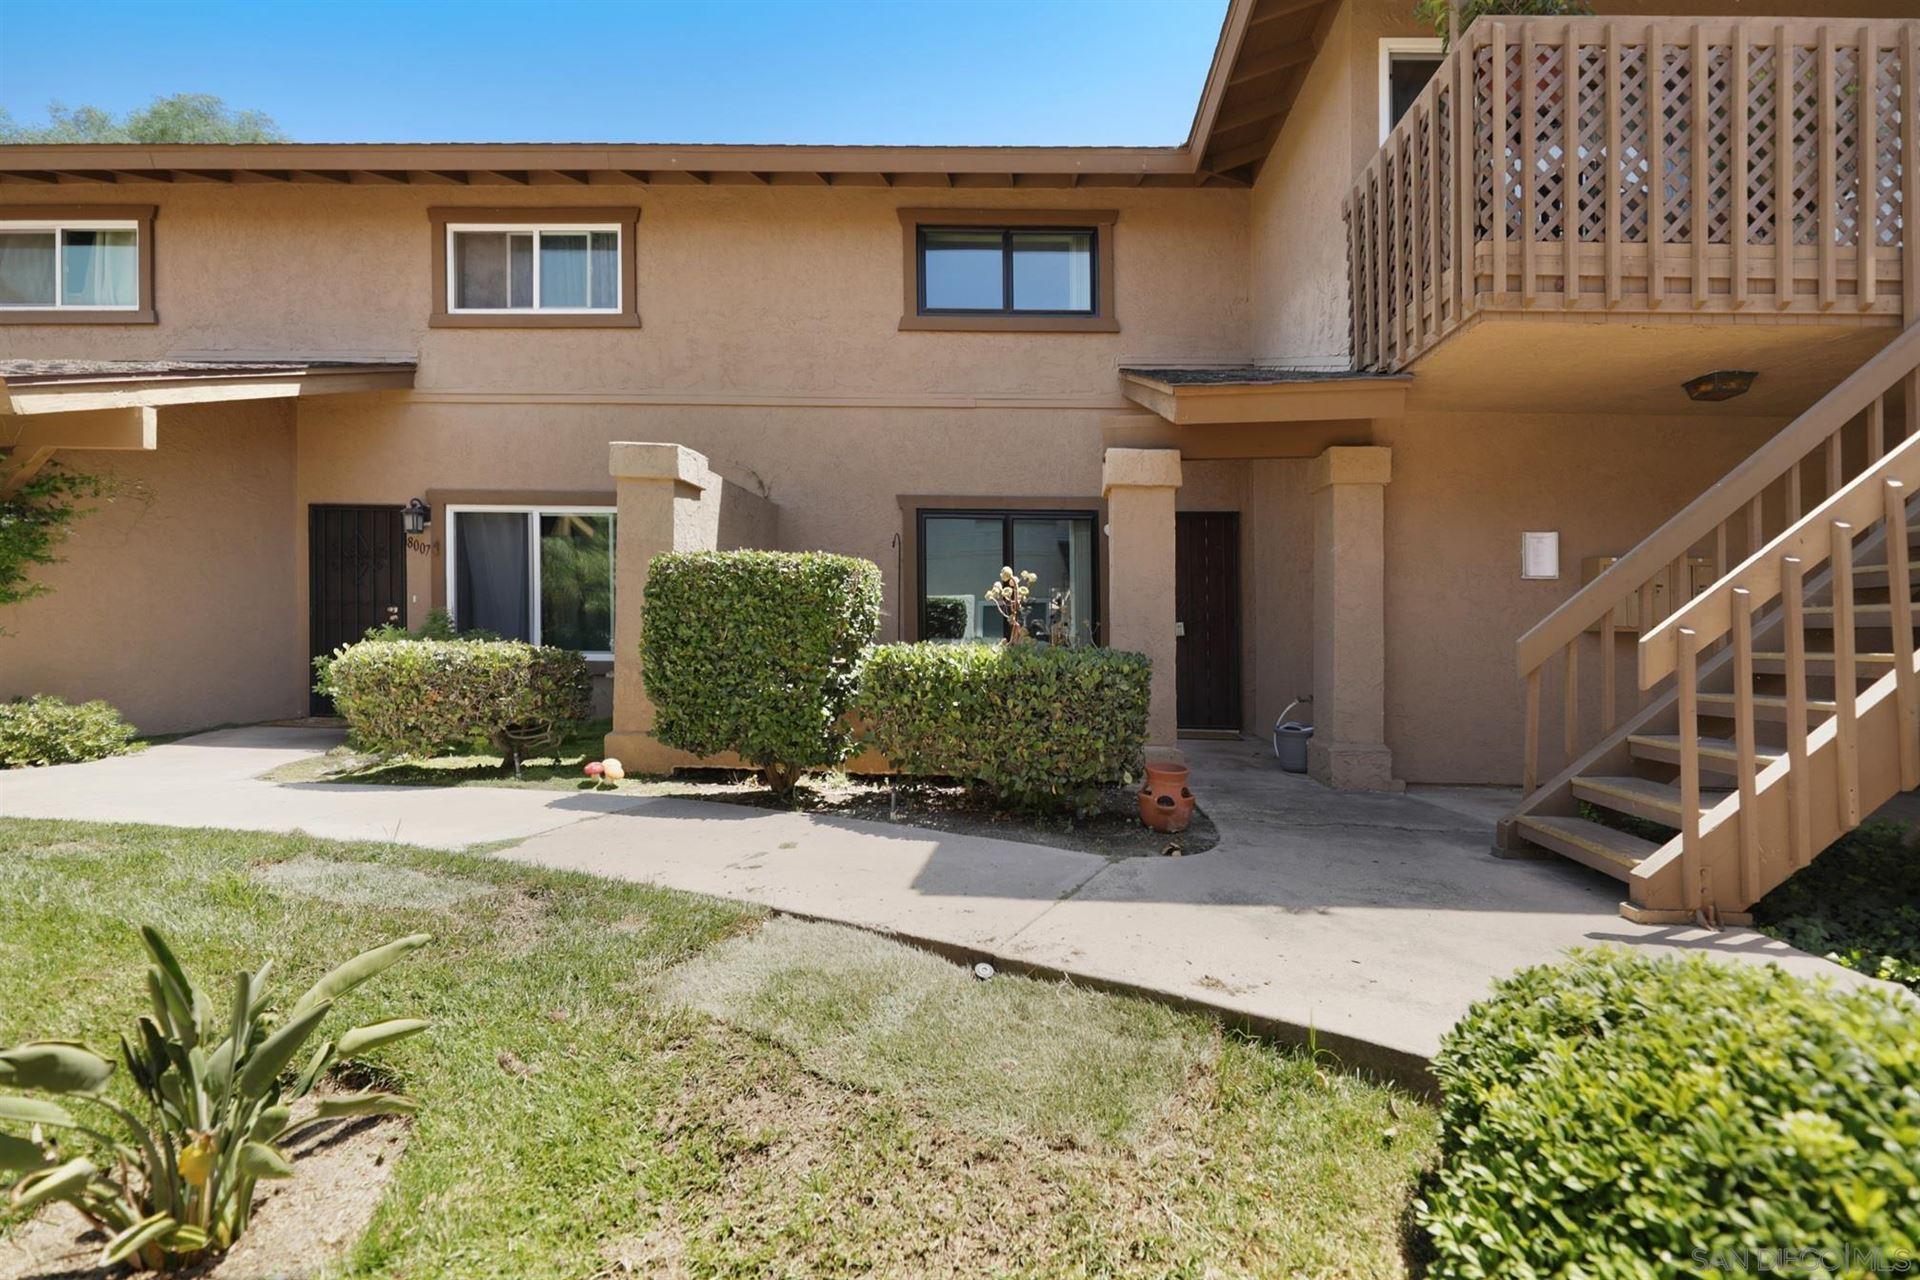 Photo of 8005 Calle Fanita, Santee, CA 92071 (MLS # 210020684)